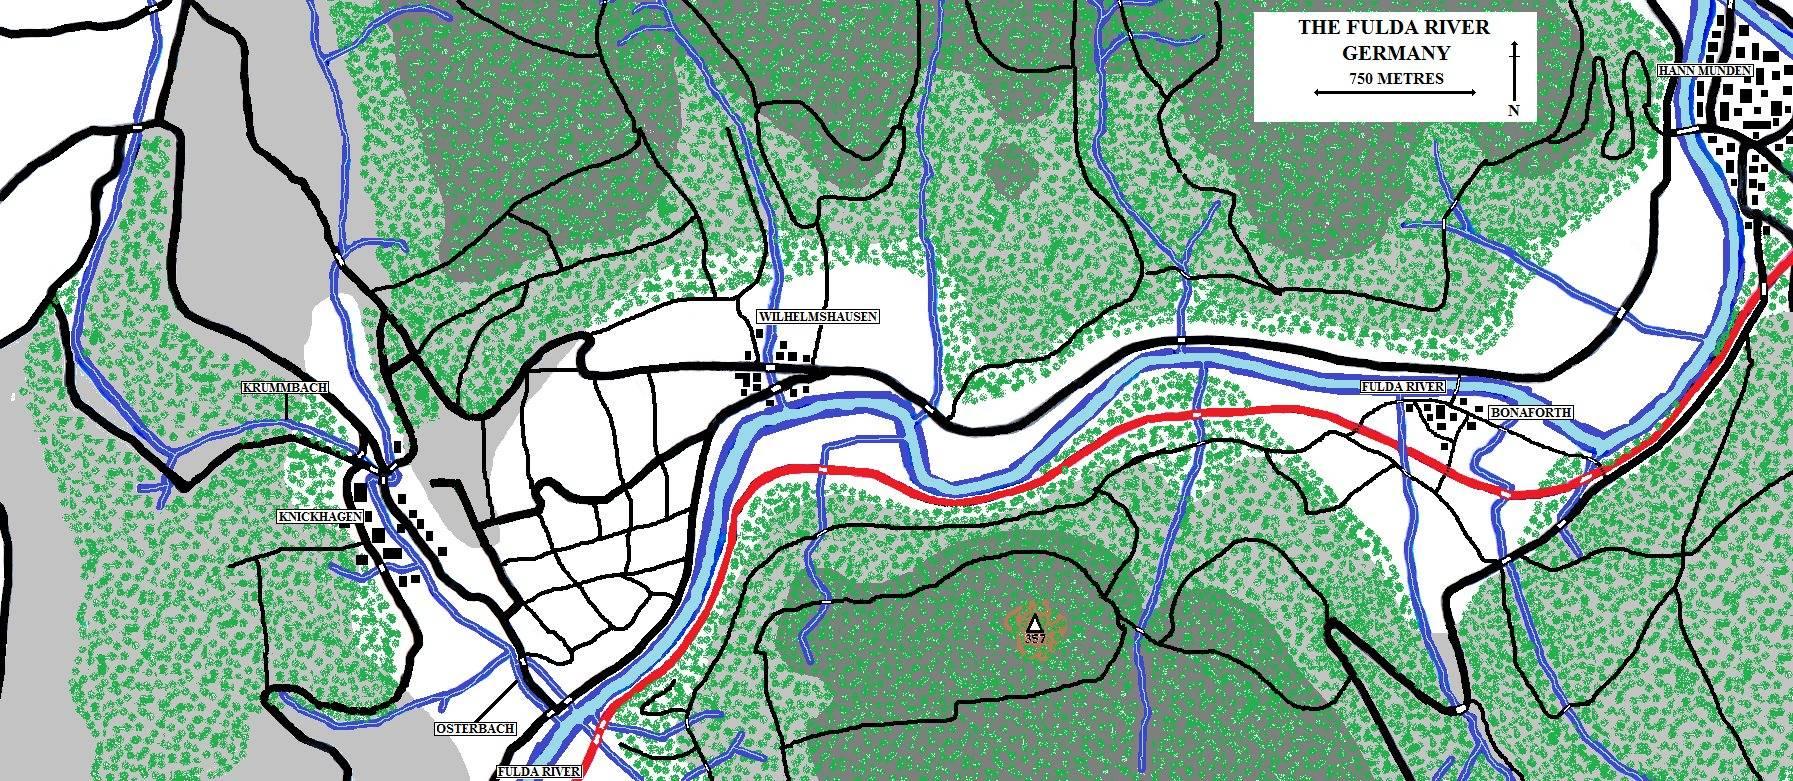 Fulda River battleground